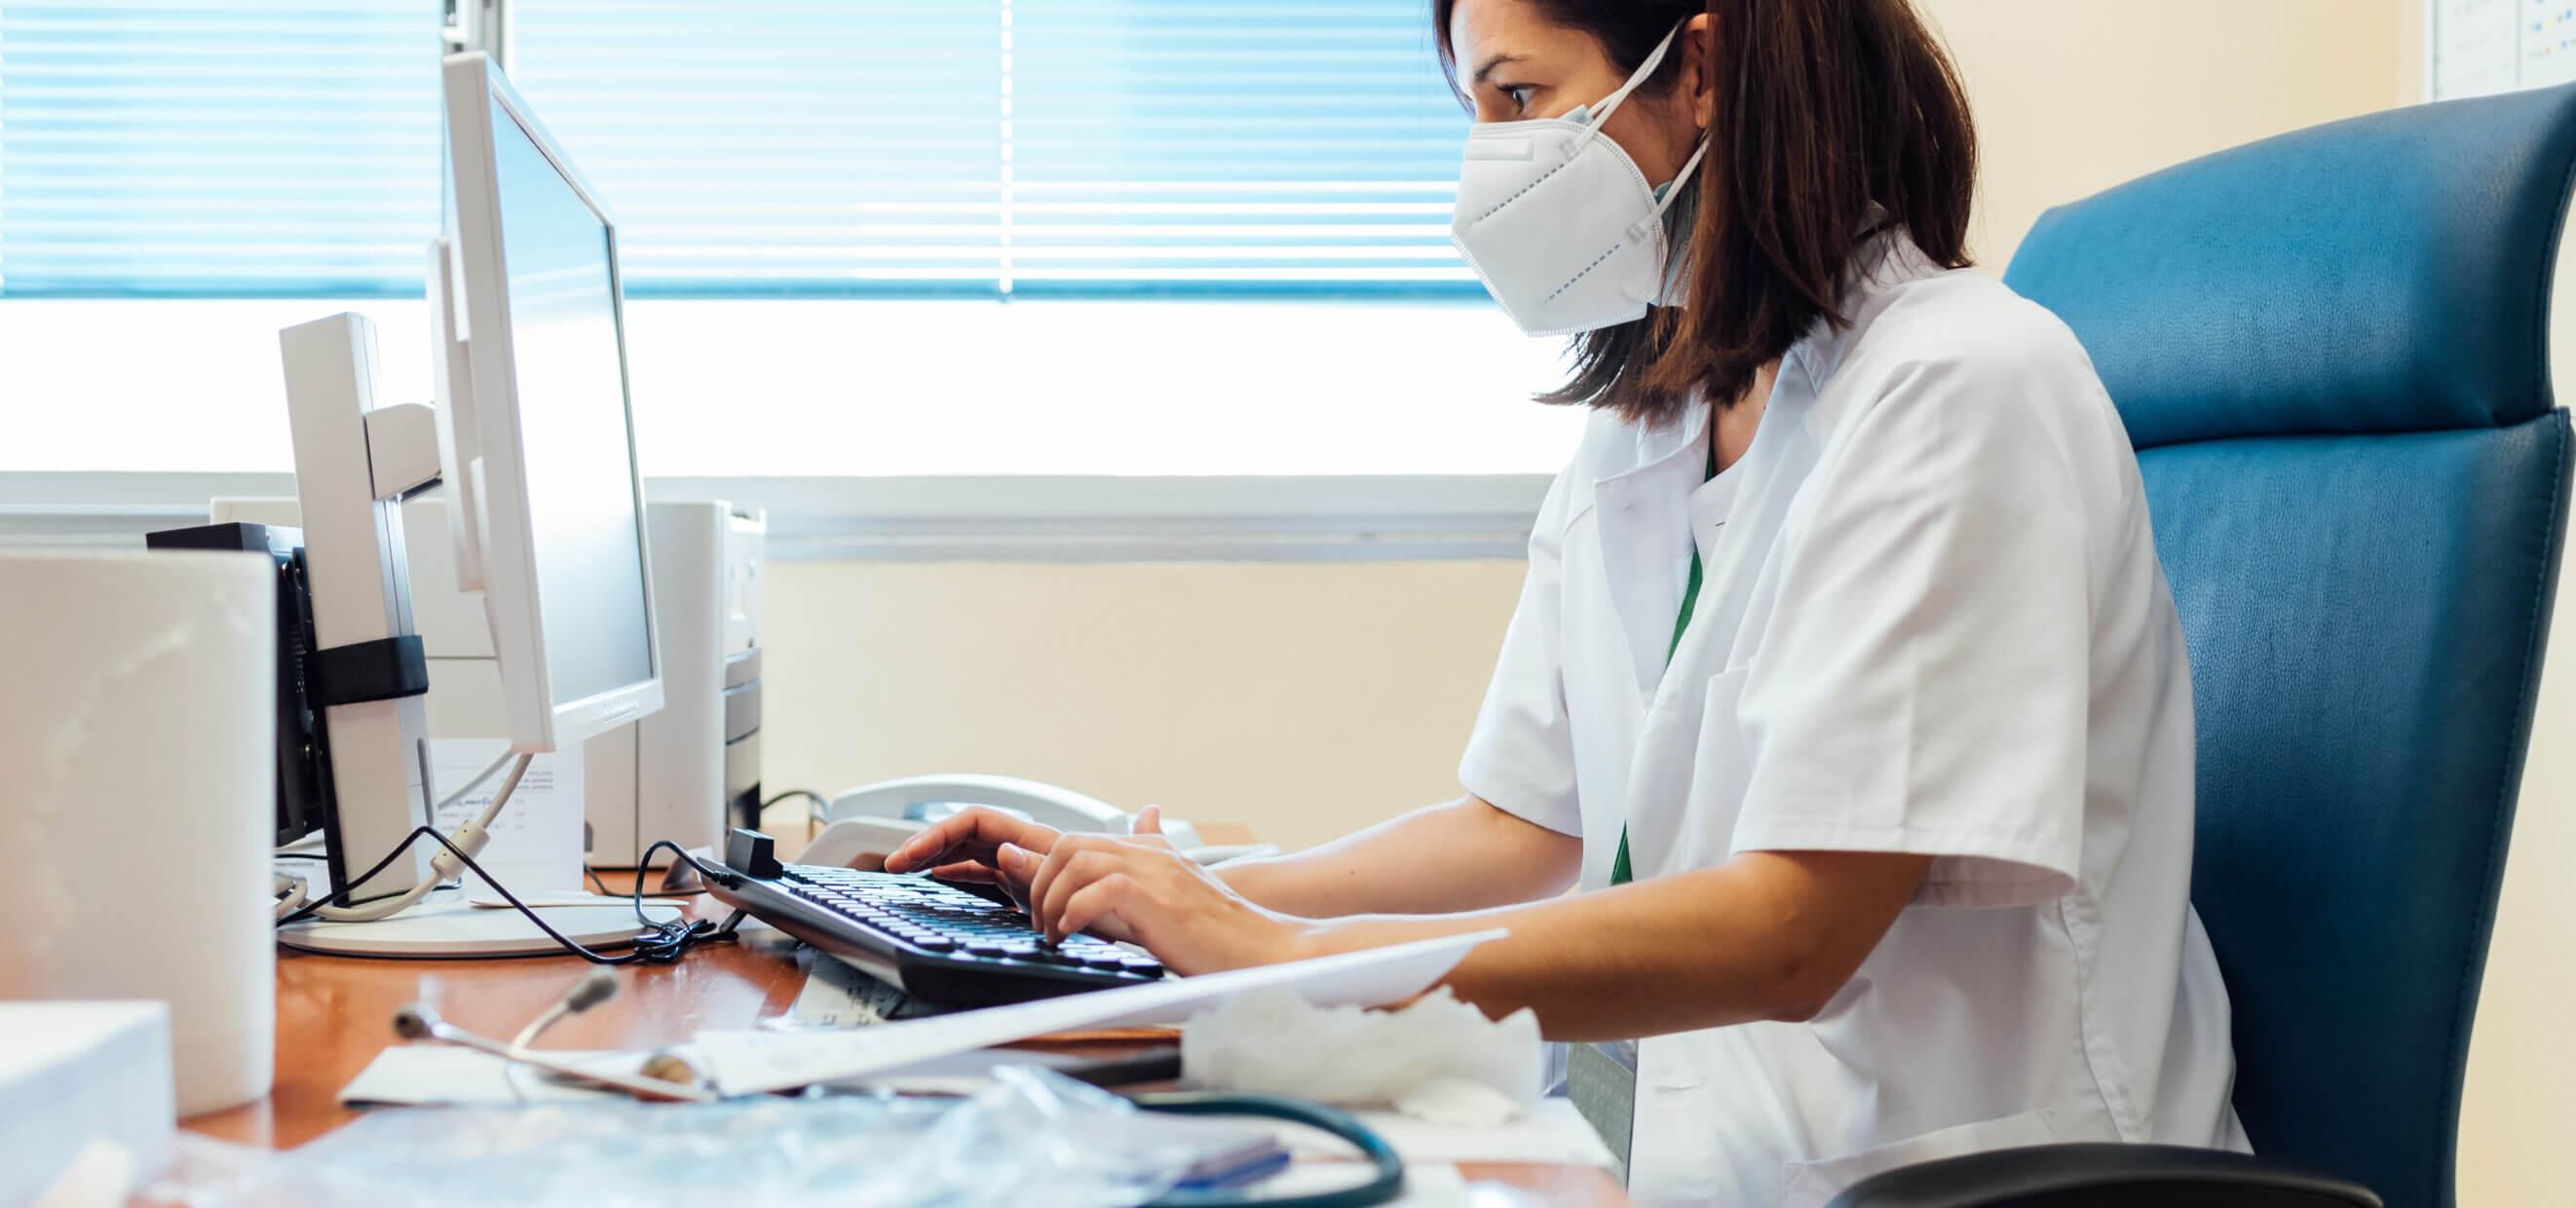 Profilaktyka 40+ - lekarka czytająca artykuł na komputerze